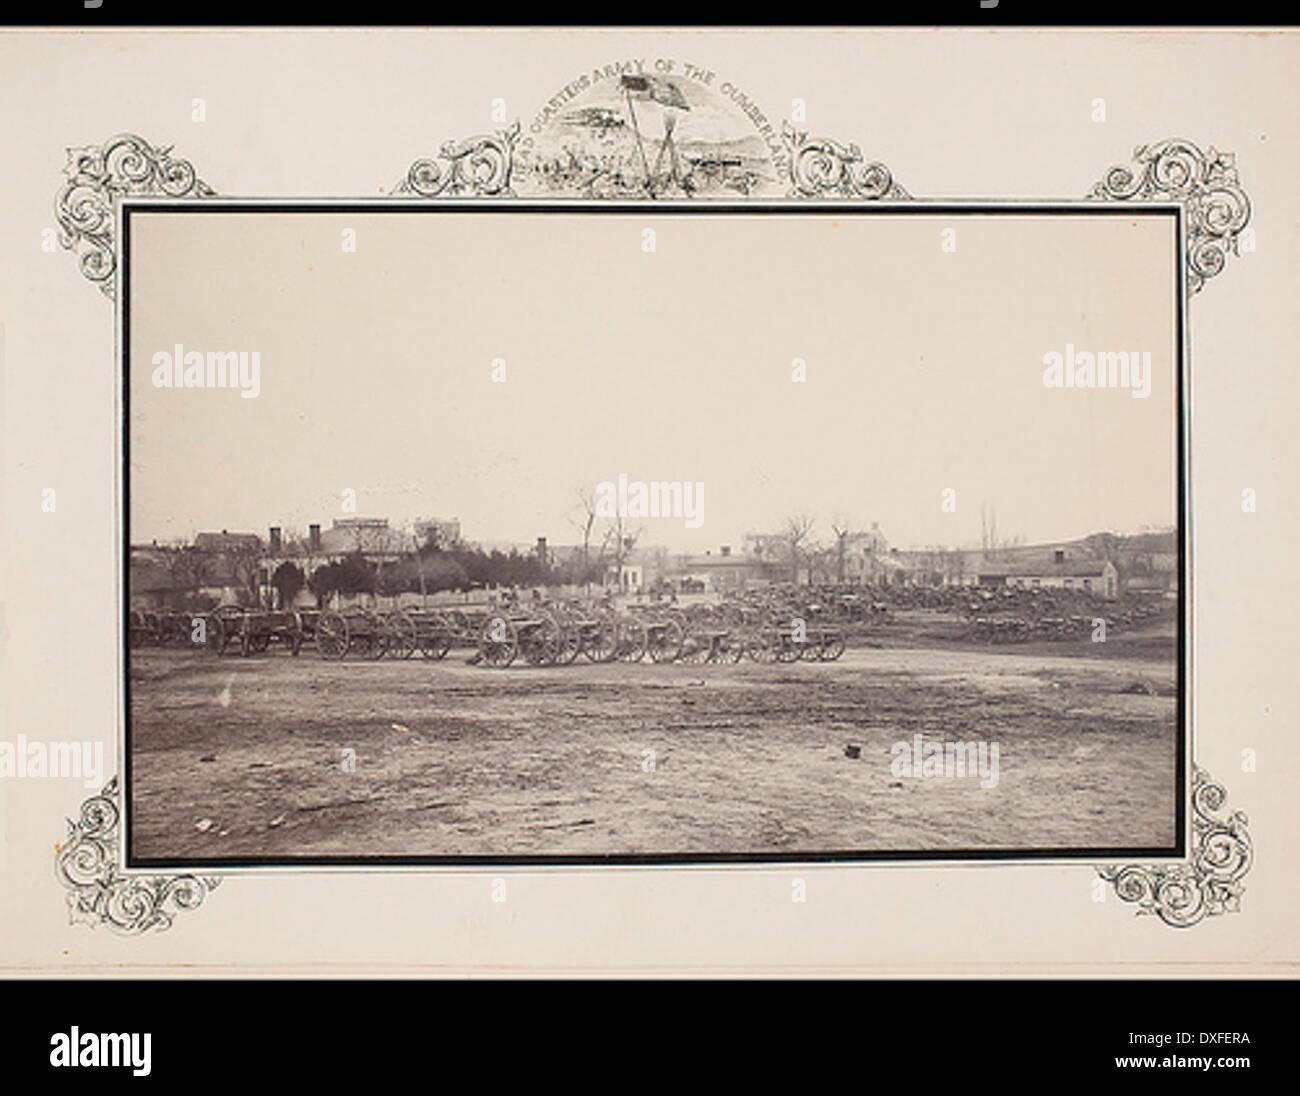 Blick auf den Park der Artillerie an der Schlacht von Chattanooga erfasst Stockbild